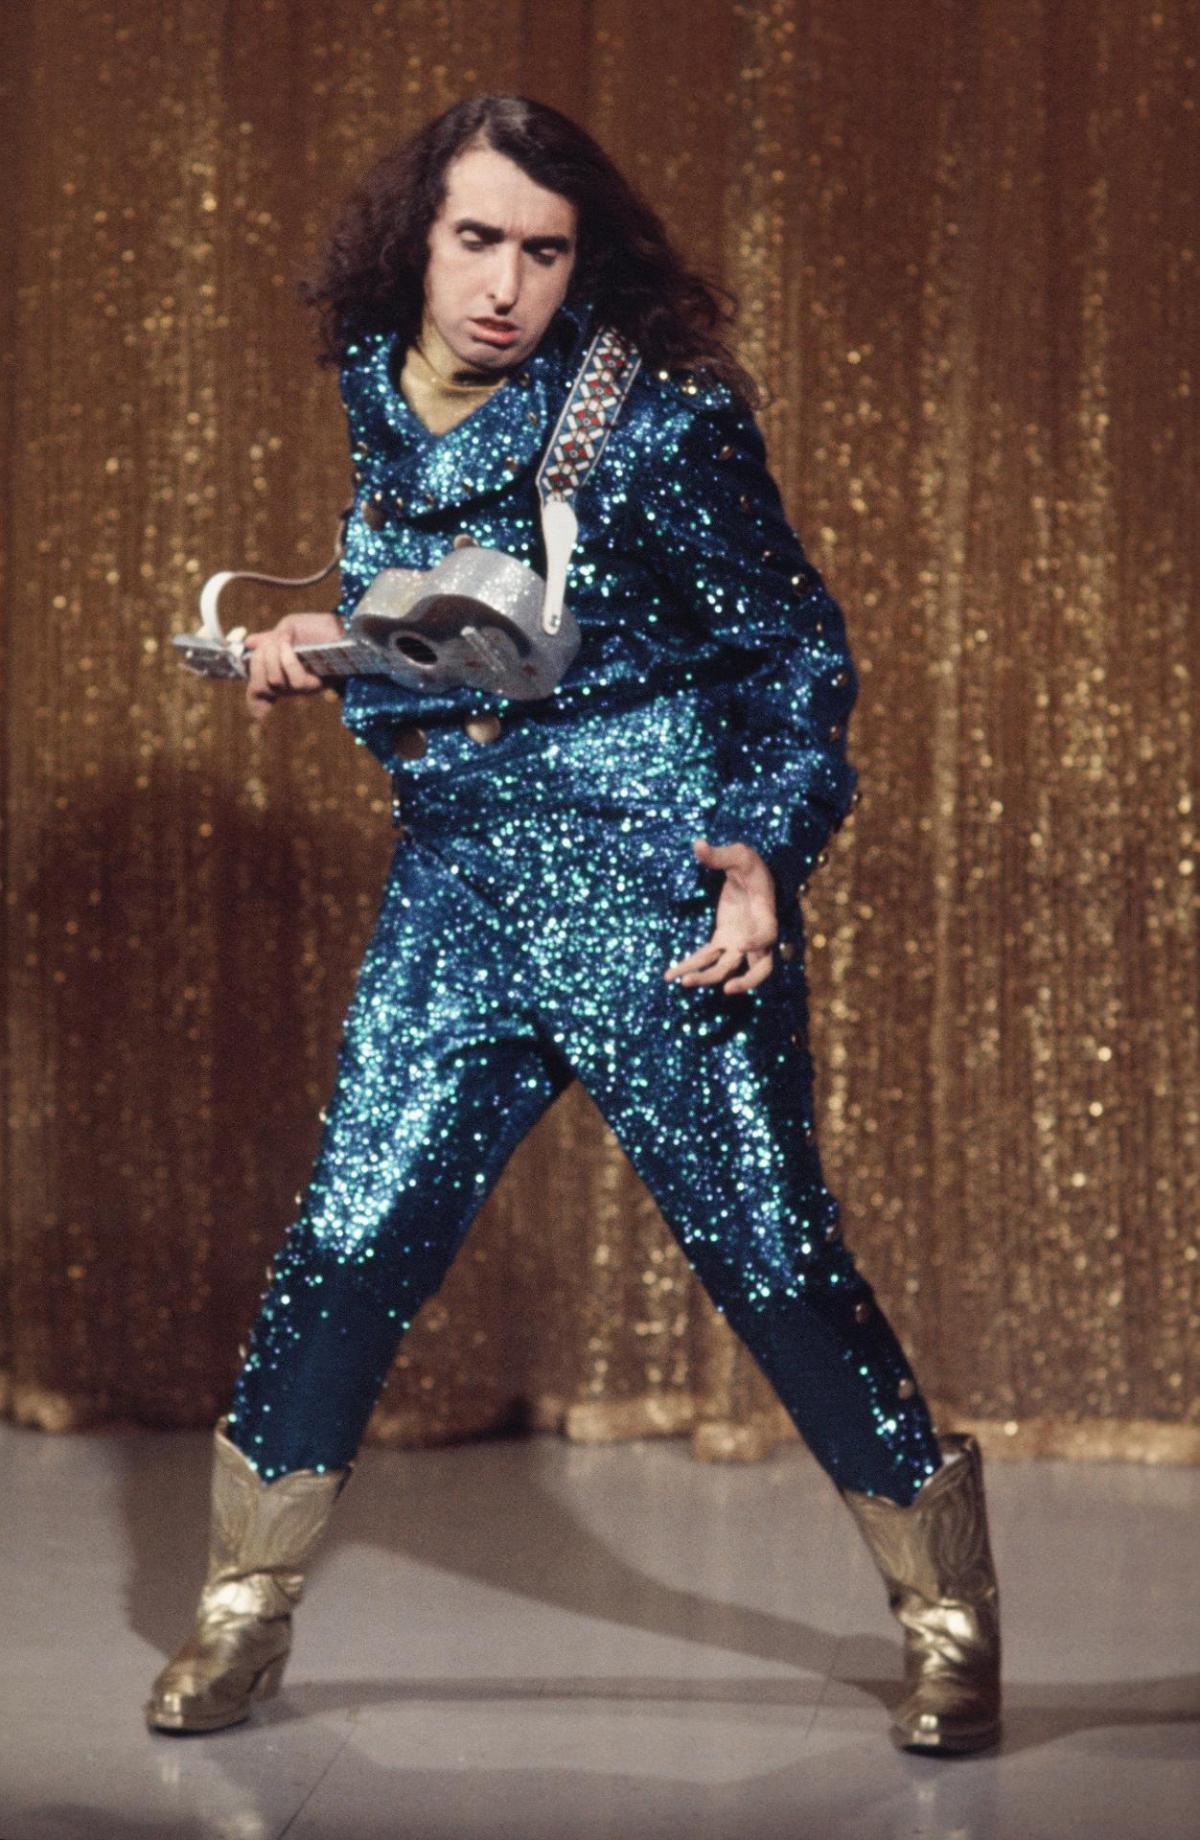 Engelbert Humperdinck Tiny Tim 70s